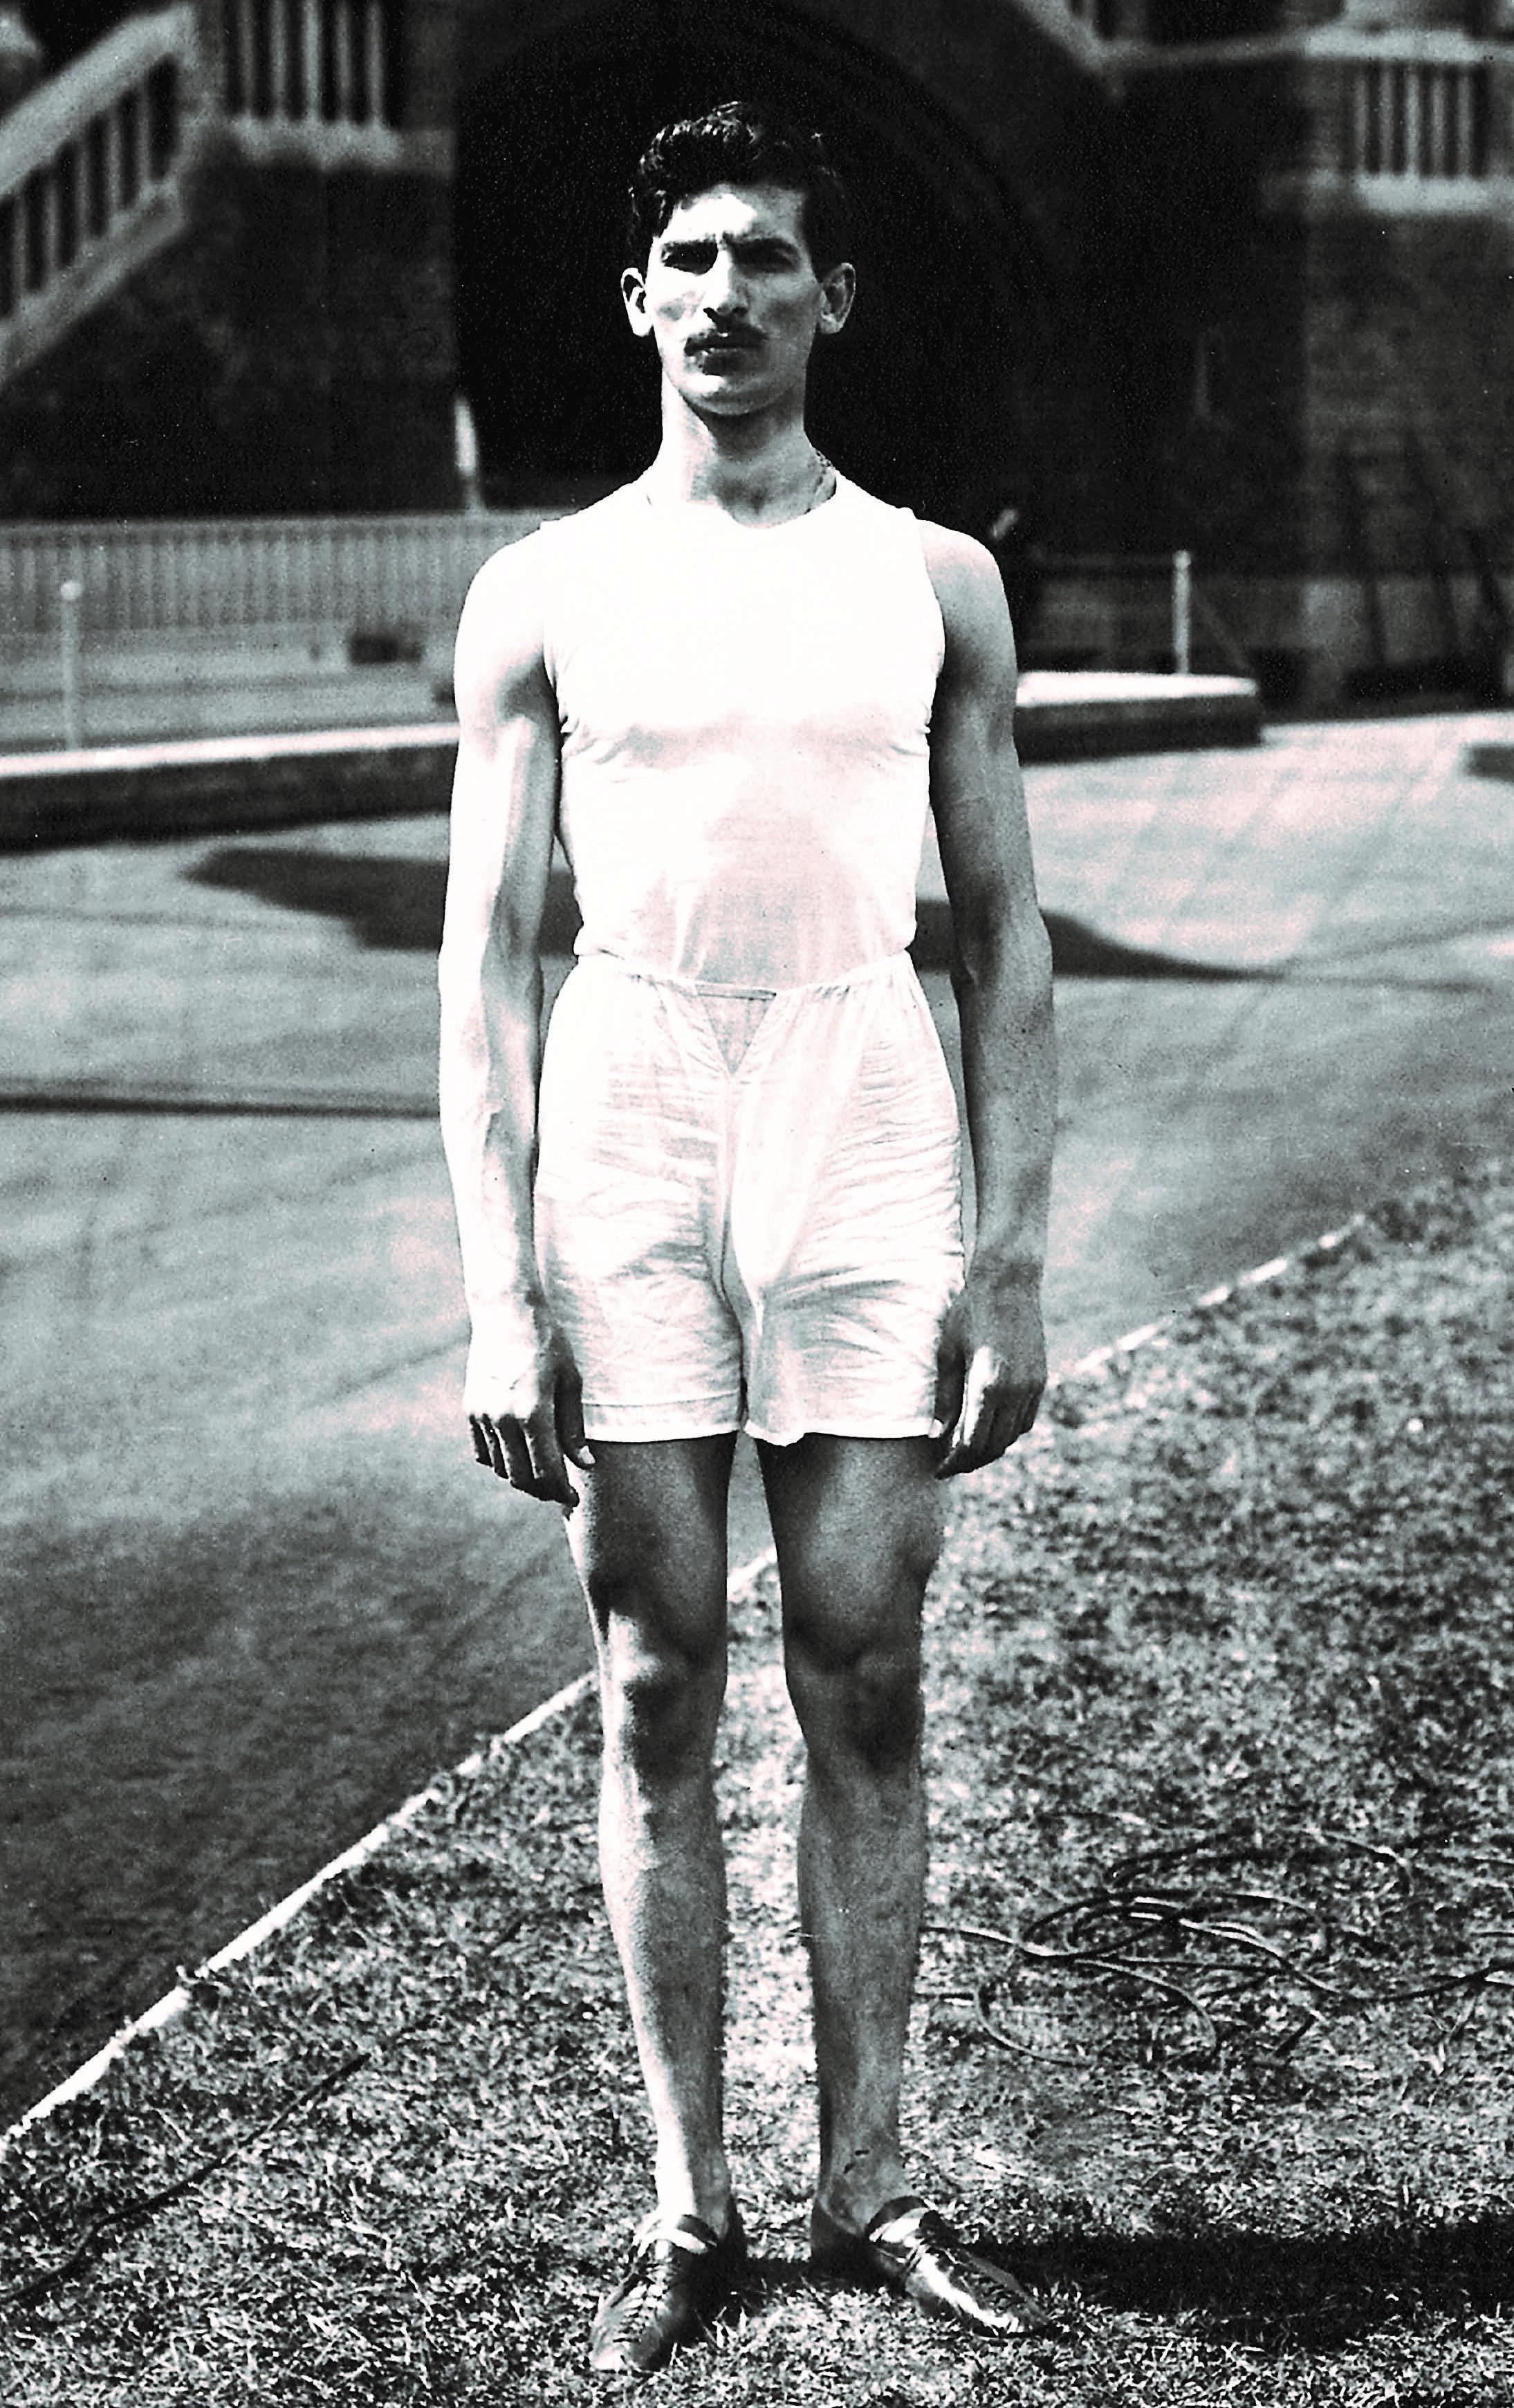 Η Ελλάδα στους Αγώνες της Στοκχόλμης κατέκτησε με τον Κώστα Τσικλητήρα ένα χρυσό και ένα χάλκινο μετάλλιο στο μήκος άνευ φοράς και στο ύψος άνευ φοράς αντίστοιχα.